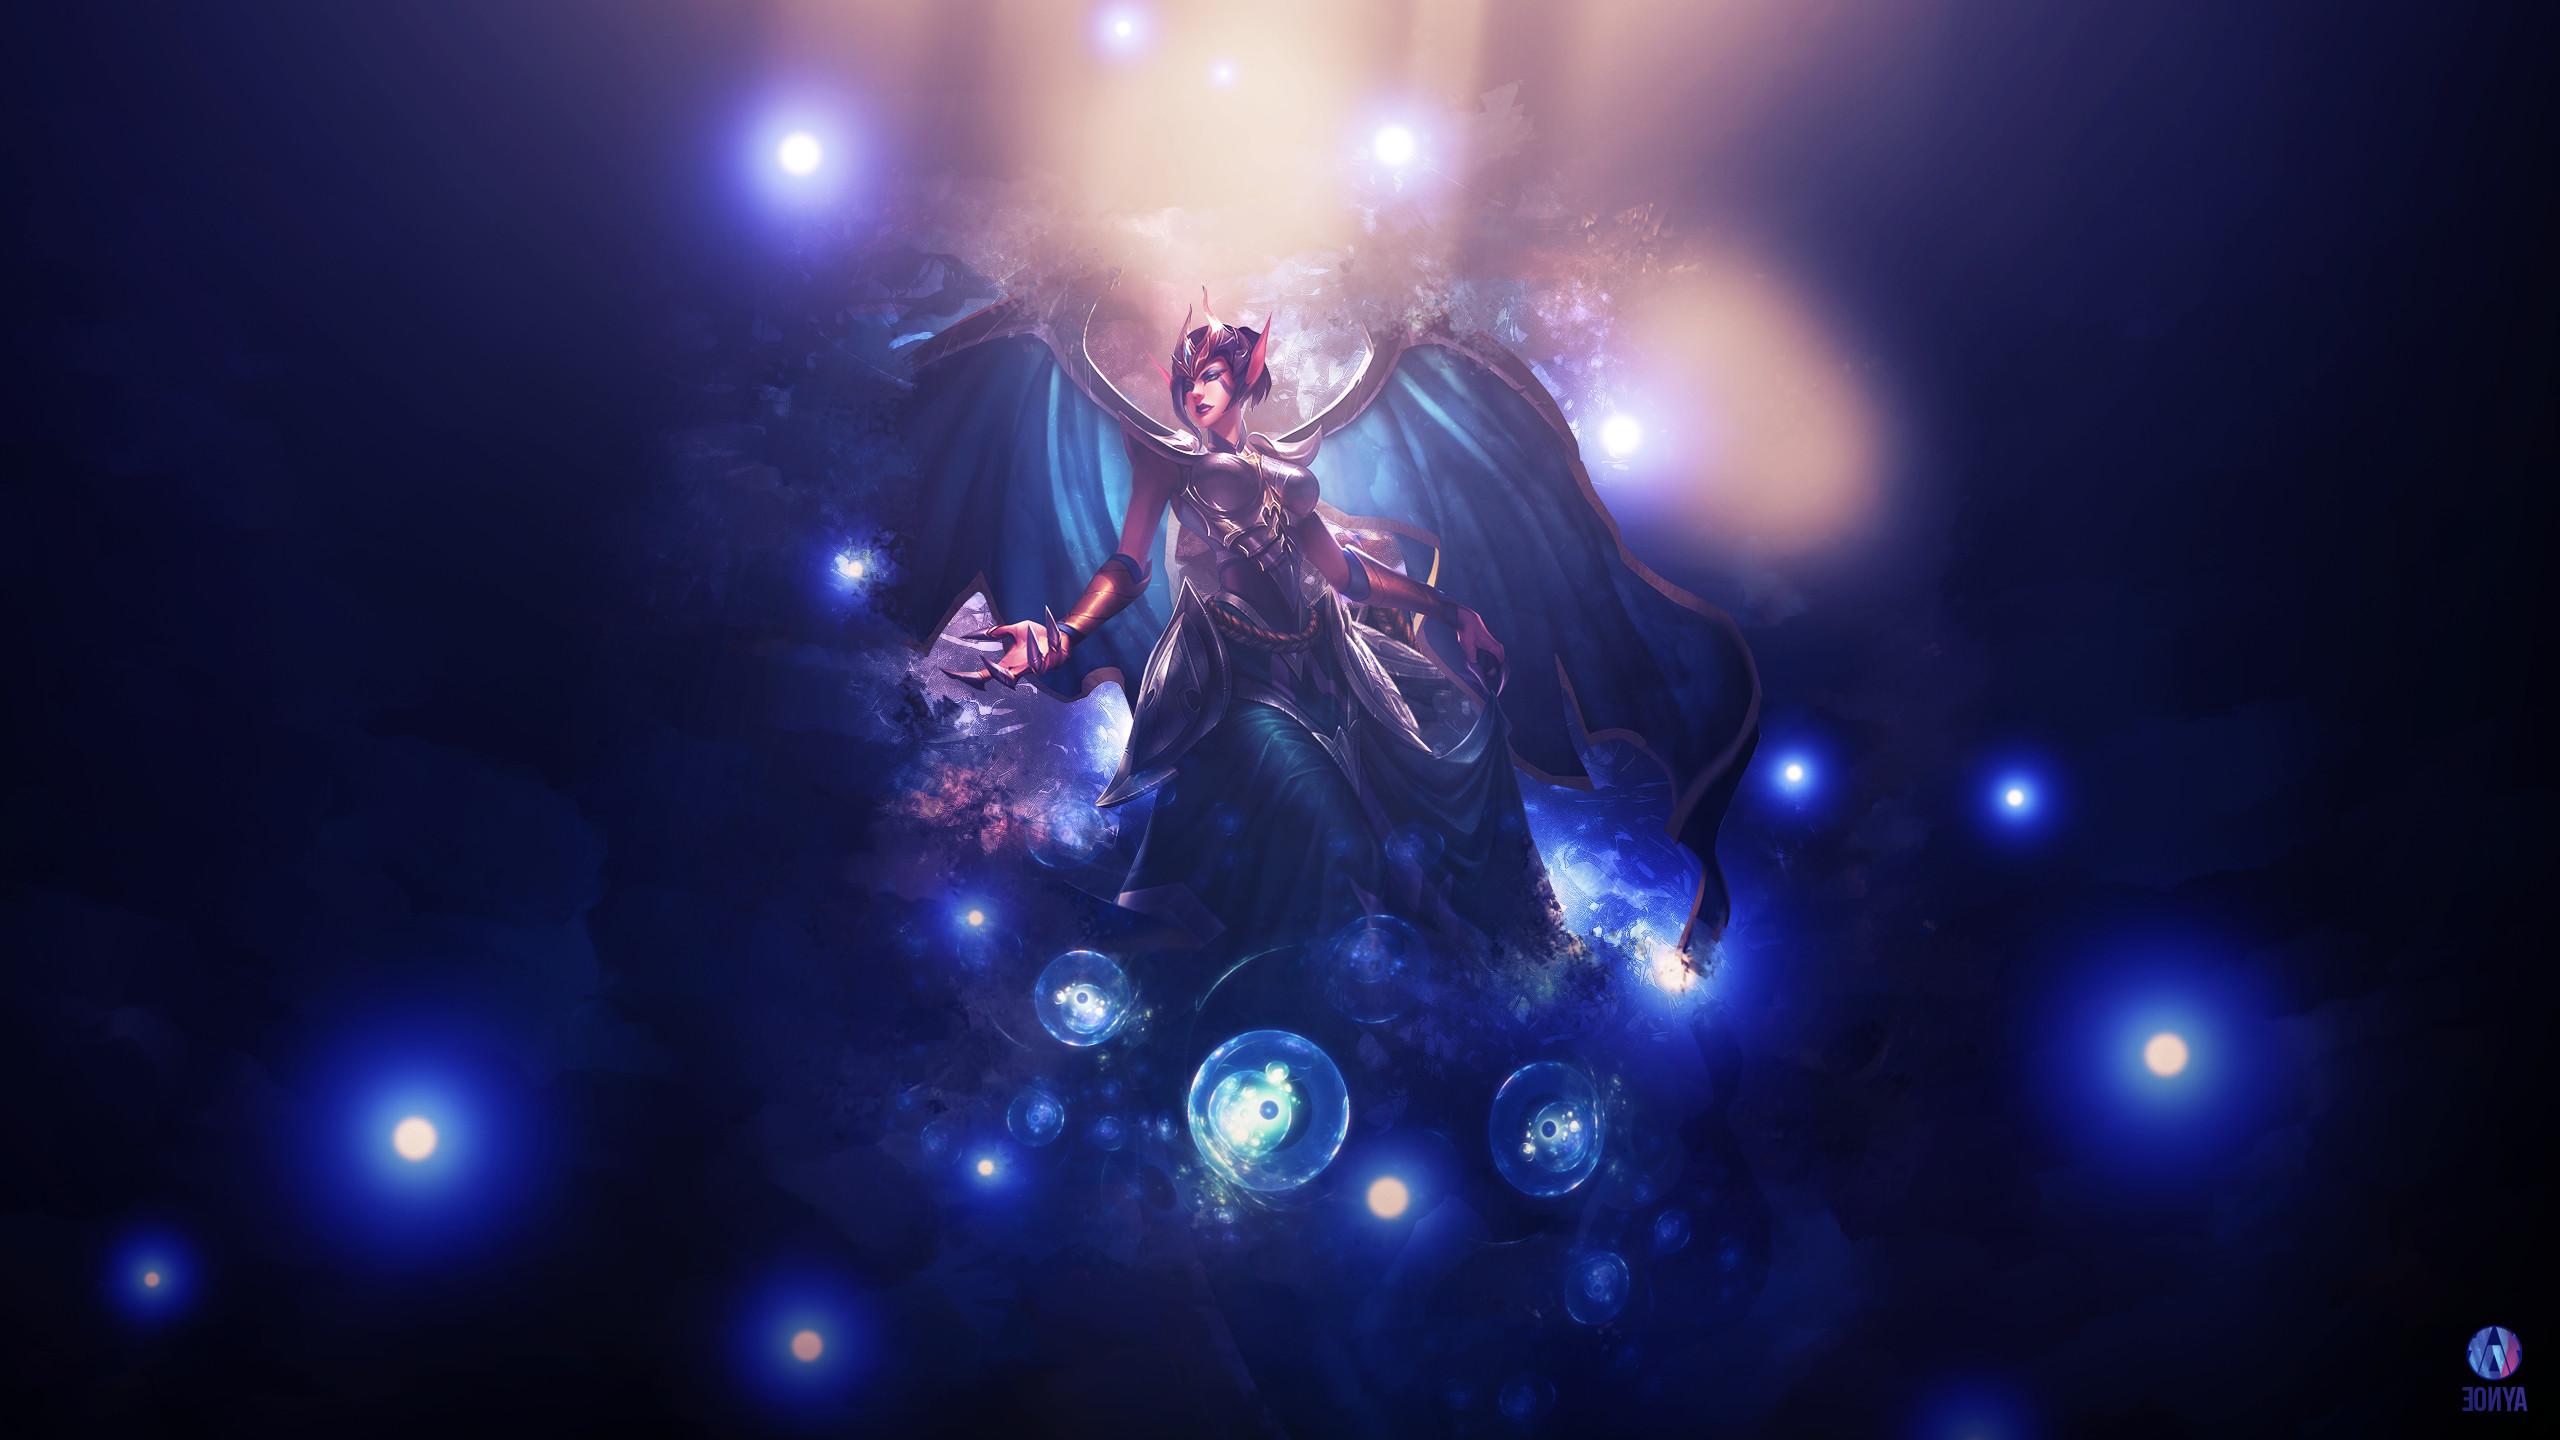 League Of Legends, Support, Morgana, Ecchi Wallpapers HD